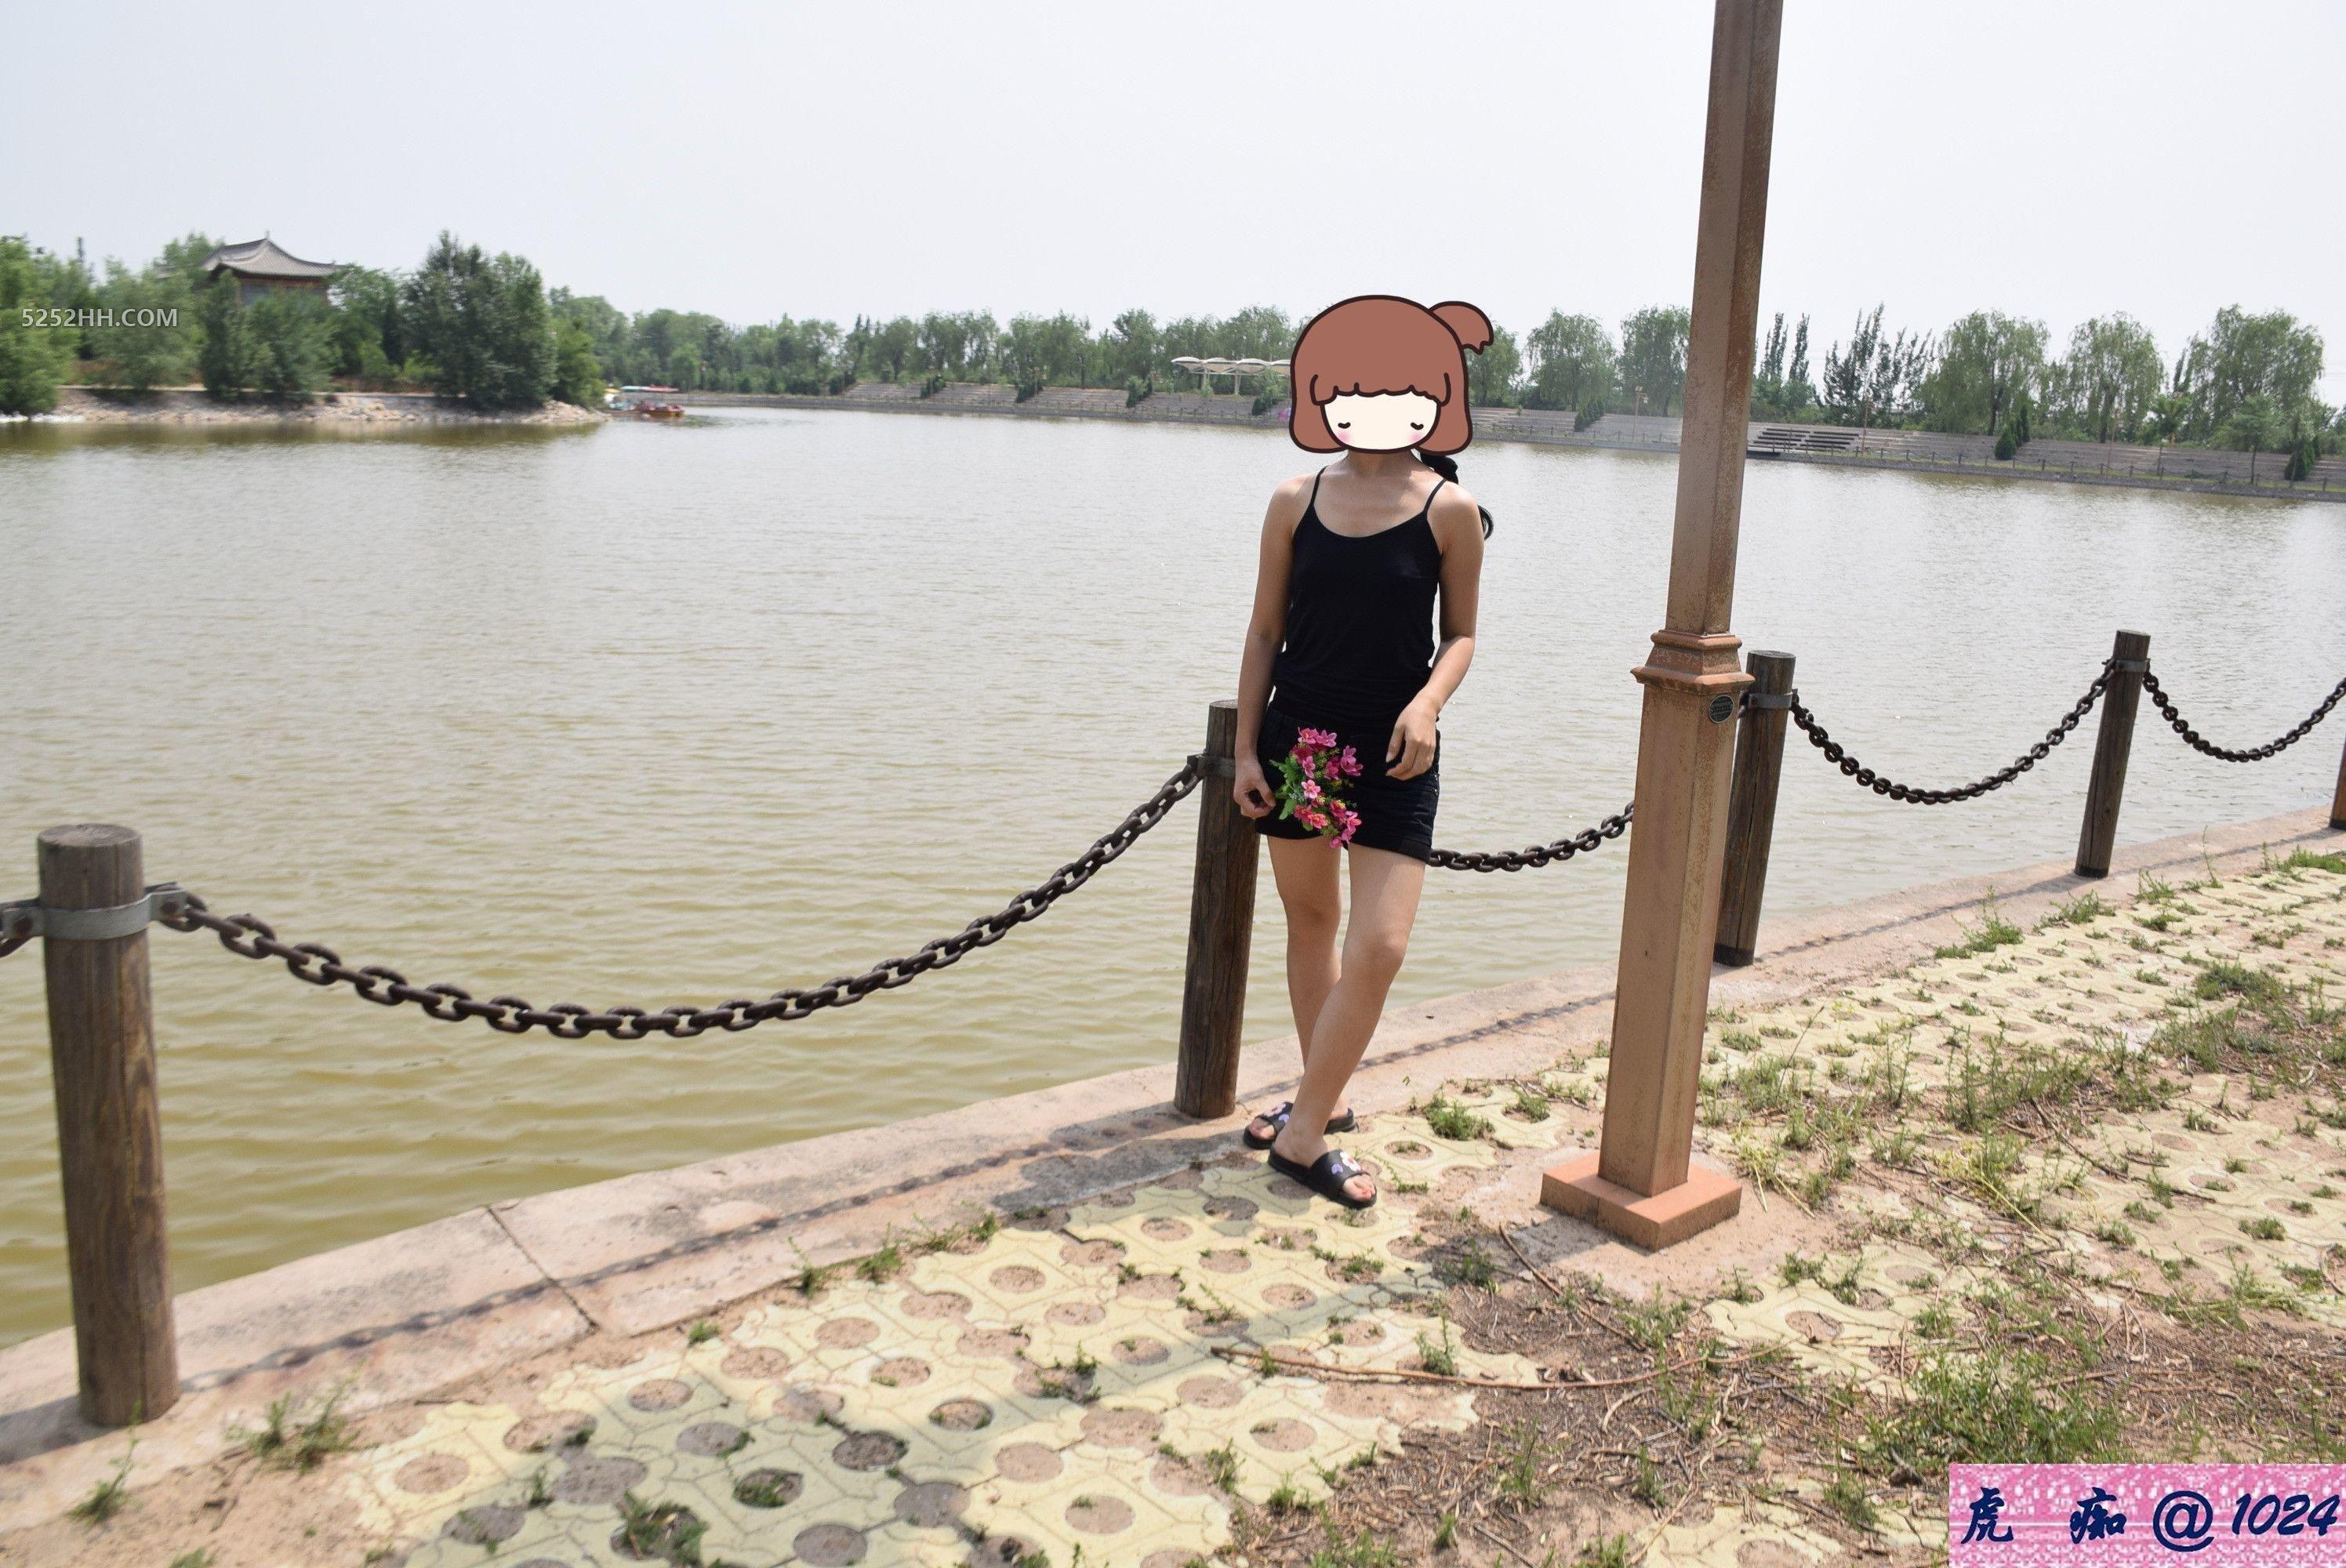 初秋湖畔阳光好,人与花儿一样娇[18P]